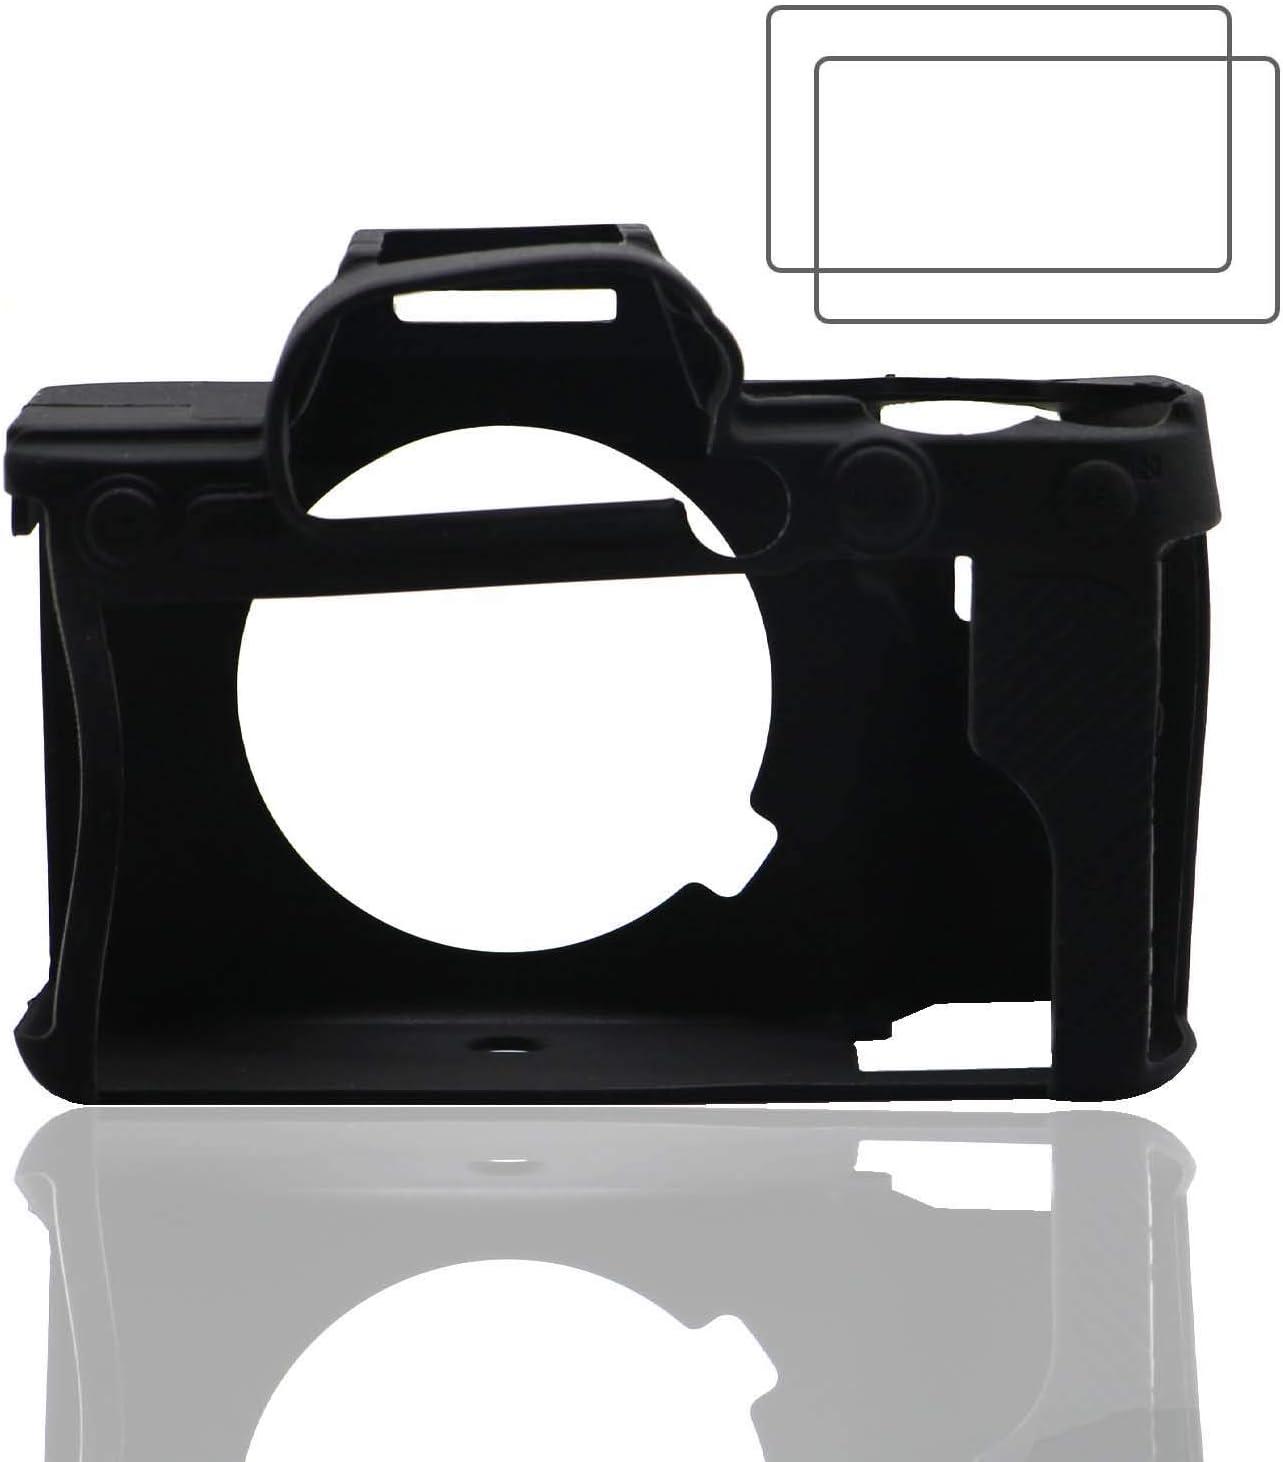 Zlmc A7riv Silikon Schutzhülle Für Sony Alpha 7r Iv Ilce 7rm4 Weiche Schutzhülle Ganzkörper Haut Schwarz 2 Packungen A7r4 Displayschutzfolie Glas Elektronik